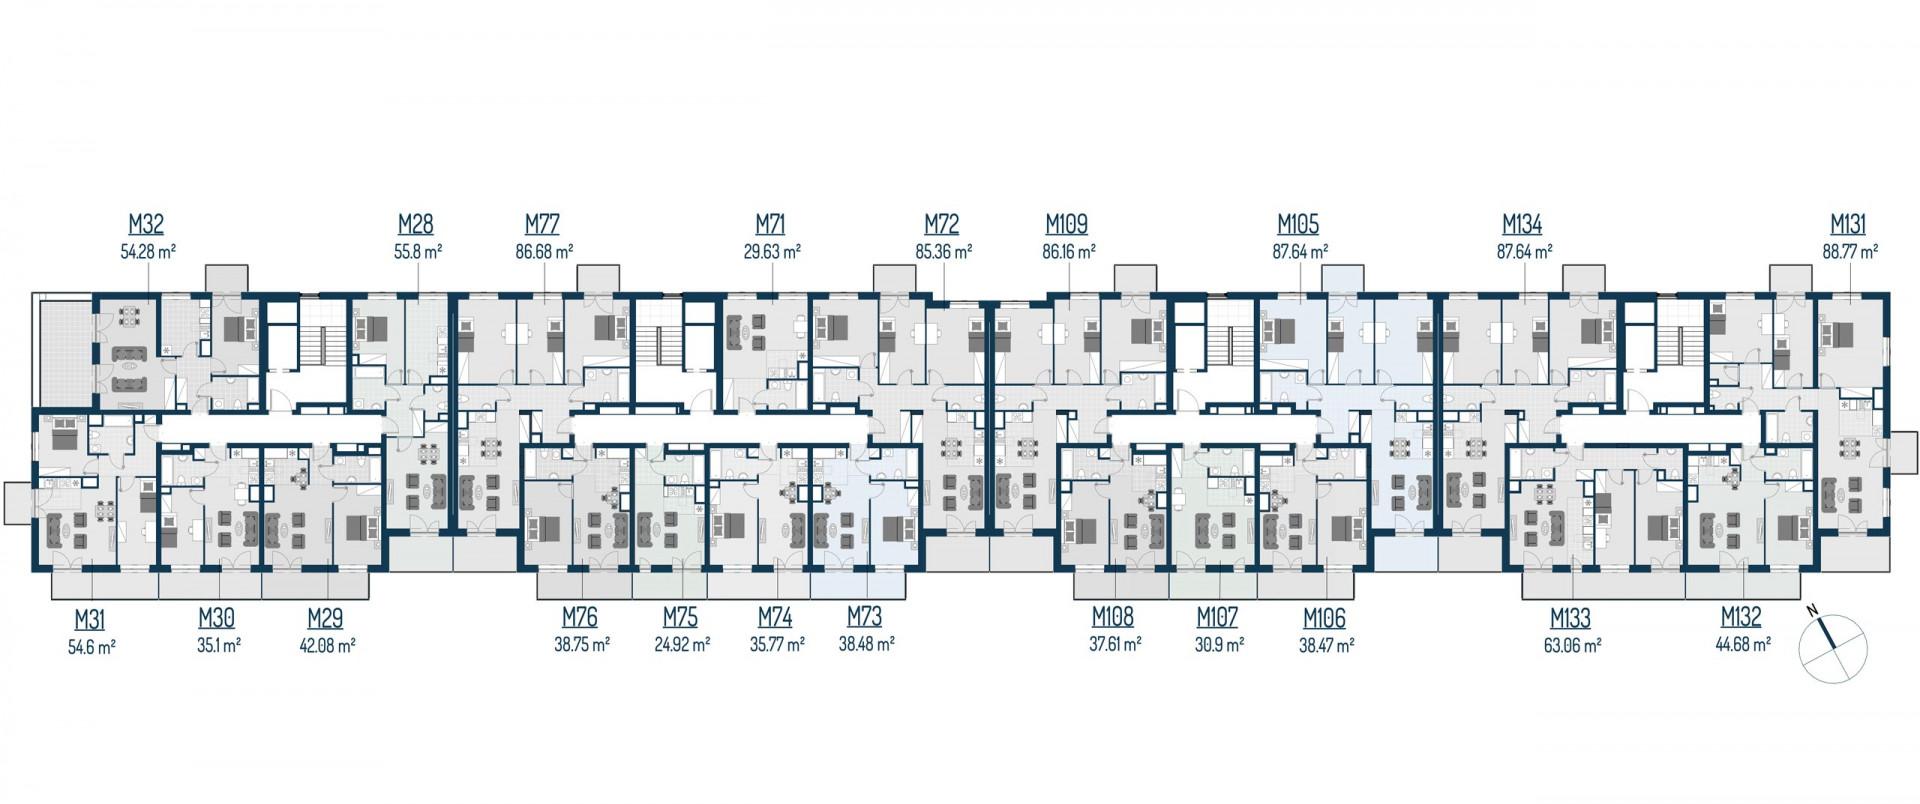 Zdrowe Stylove / budynek 2 / mieszkanie nr 134 rzut 2